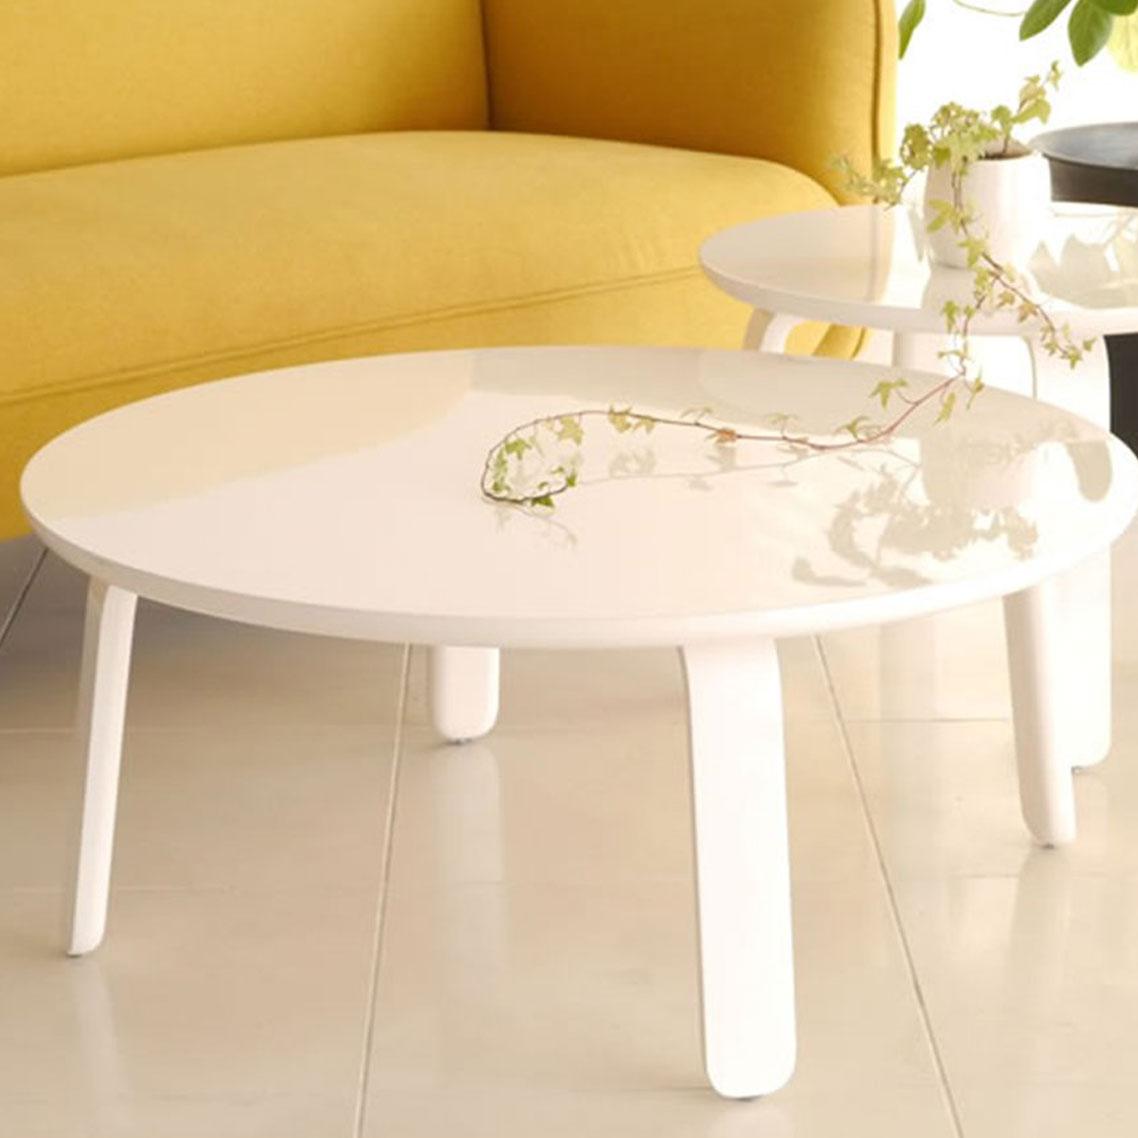 【送料無料】TART 85リビングテーブル 円形 ウォールナット ダイニングテーブル カフェ 食卓テーブル ダイニング テーブル 木製 幅115 ワークデスク 長机 会議テーブル カフェテーブル ミッドセンチュリー モダン 北欧 リビングテーブル